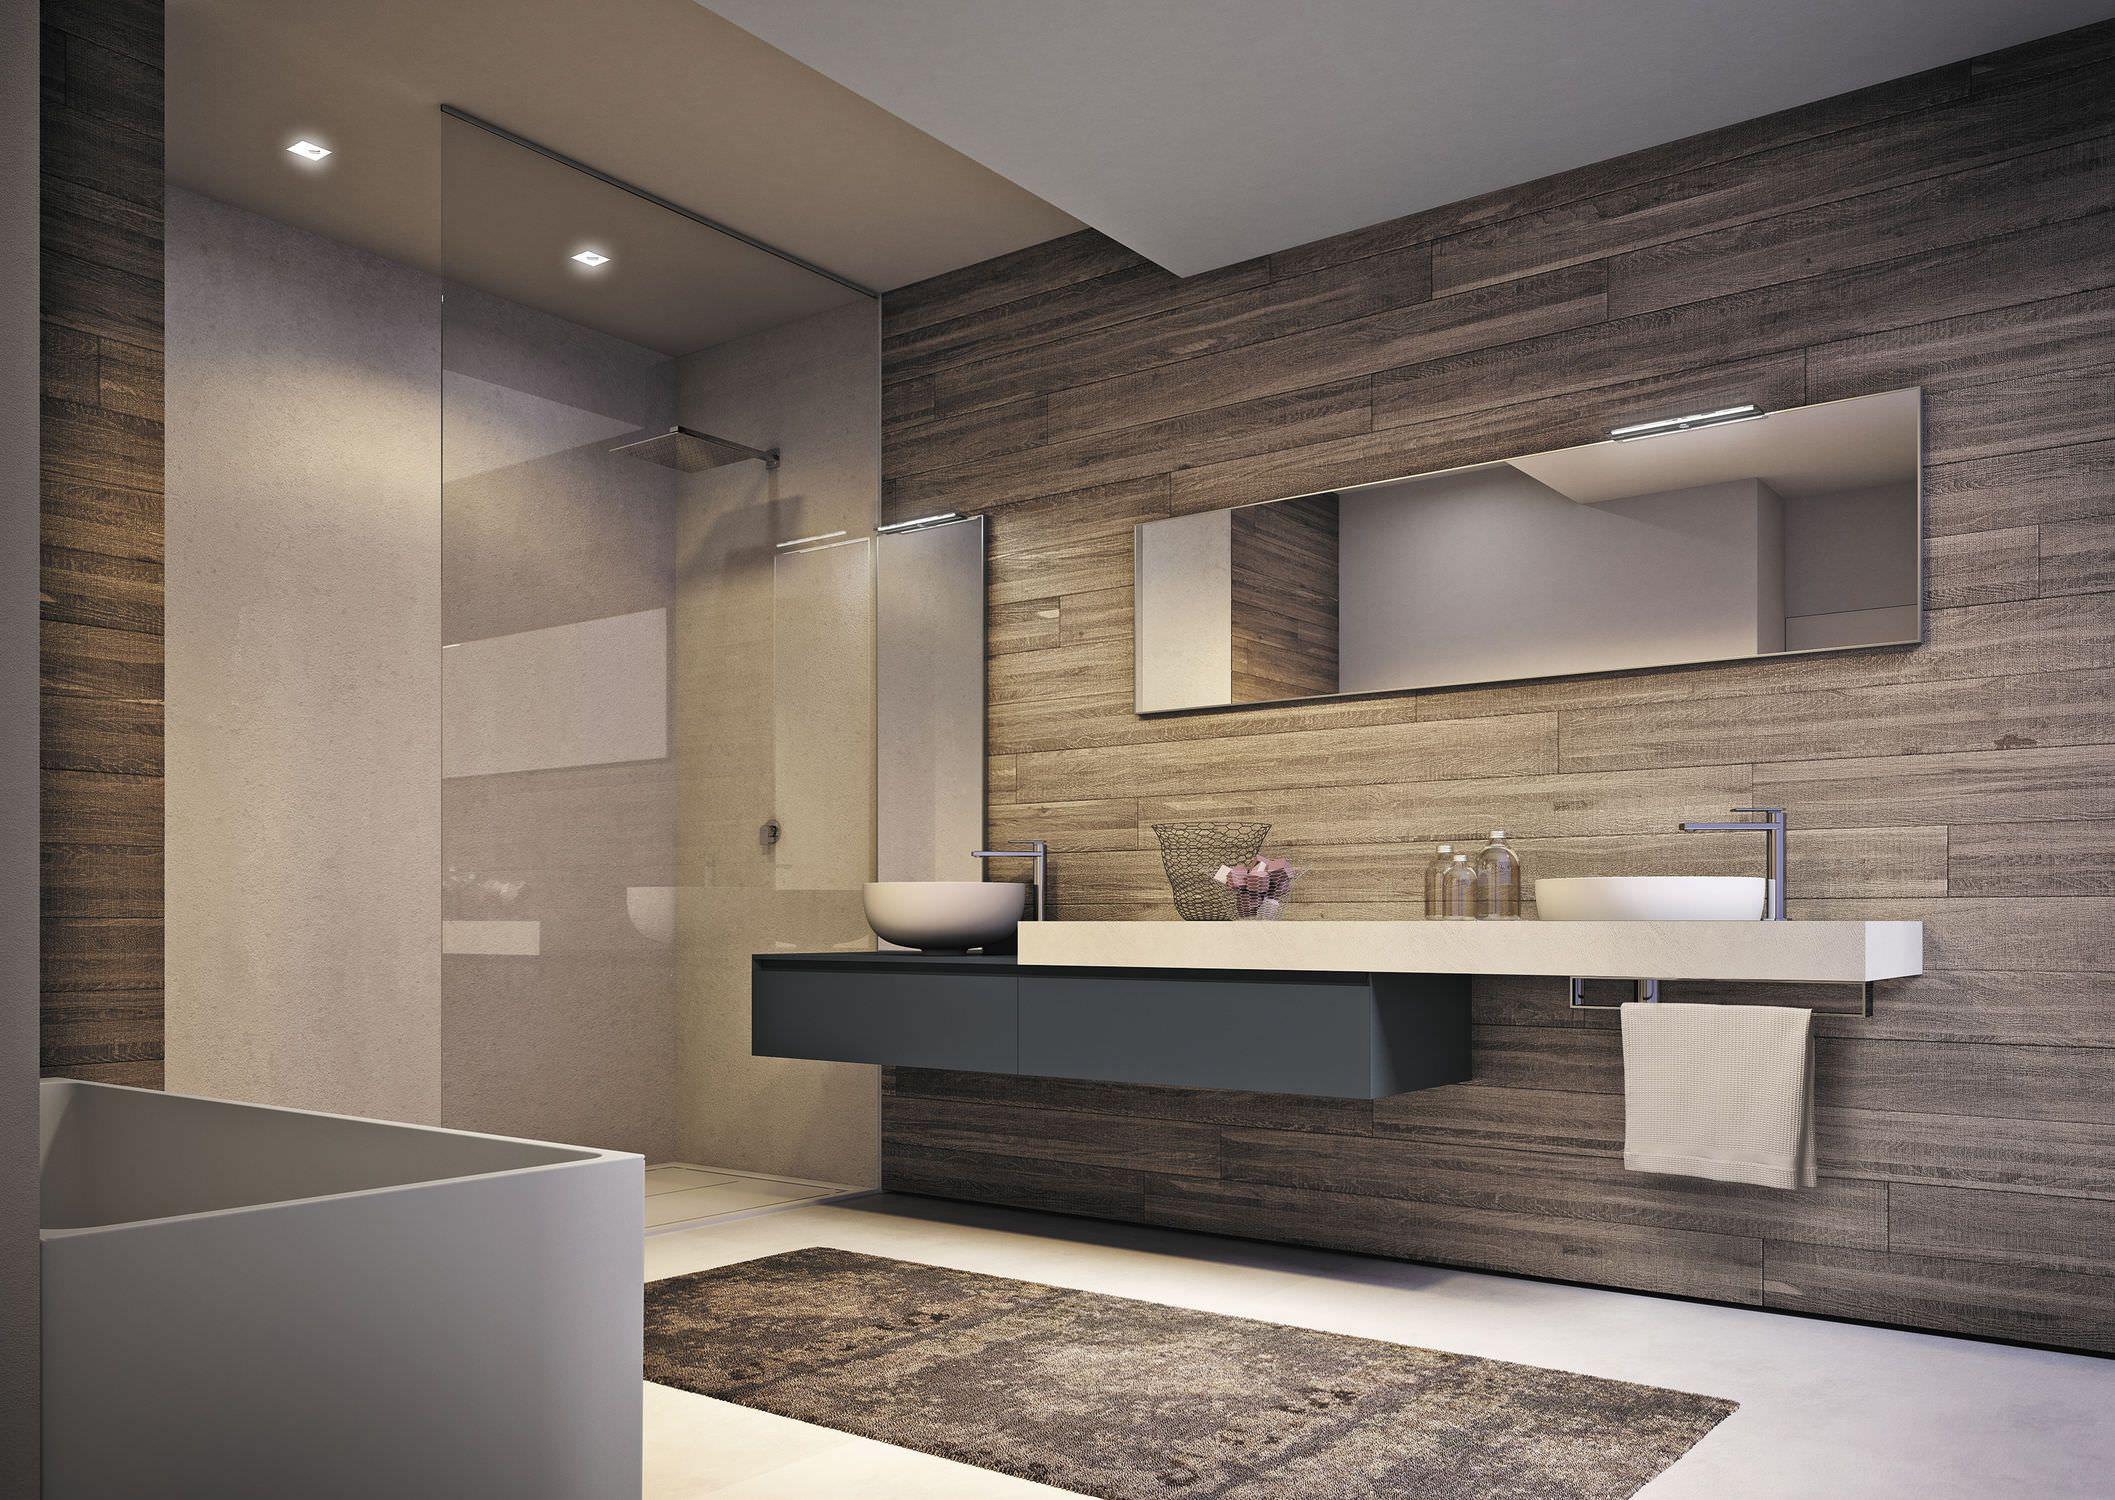 Doppelter Waschtisch Unterschrank Hangend Freistehend Holzfurnier Cubik I Badezimmer Innenausstattung Badezimmer